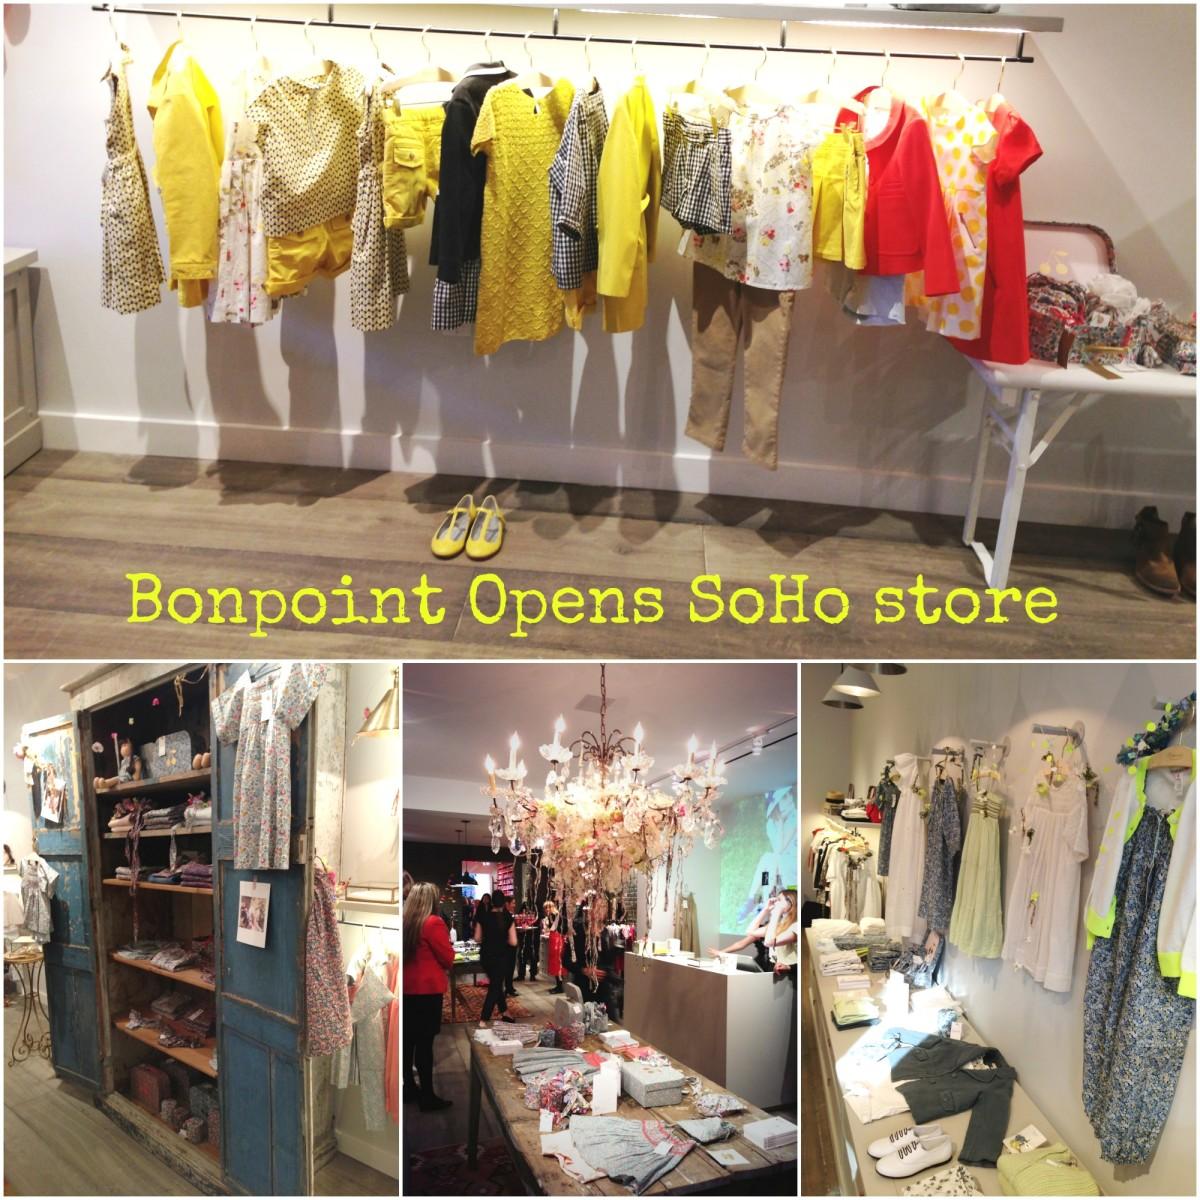 bonpoint opens soho store